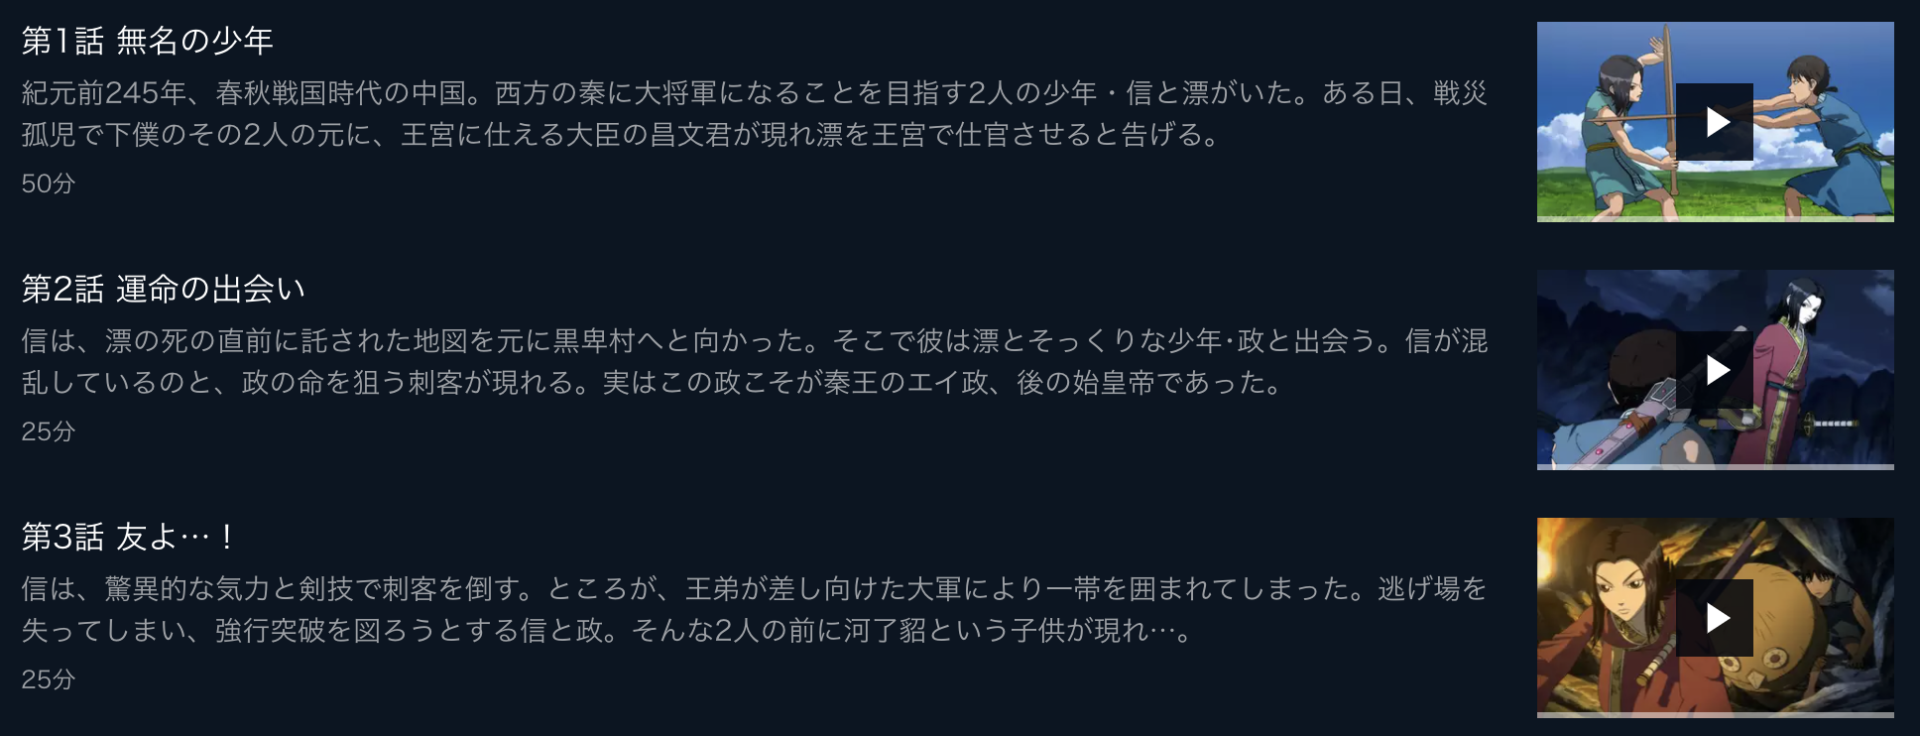 キングダムアニメ